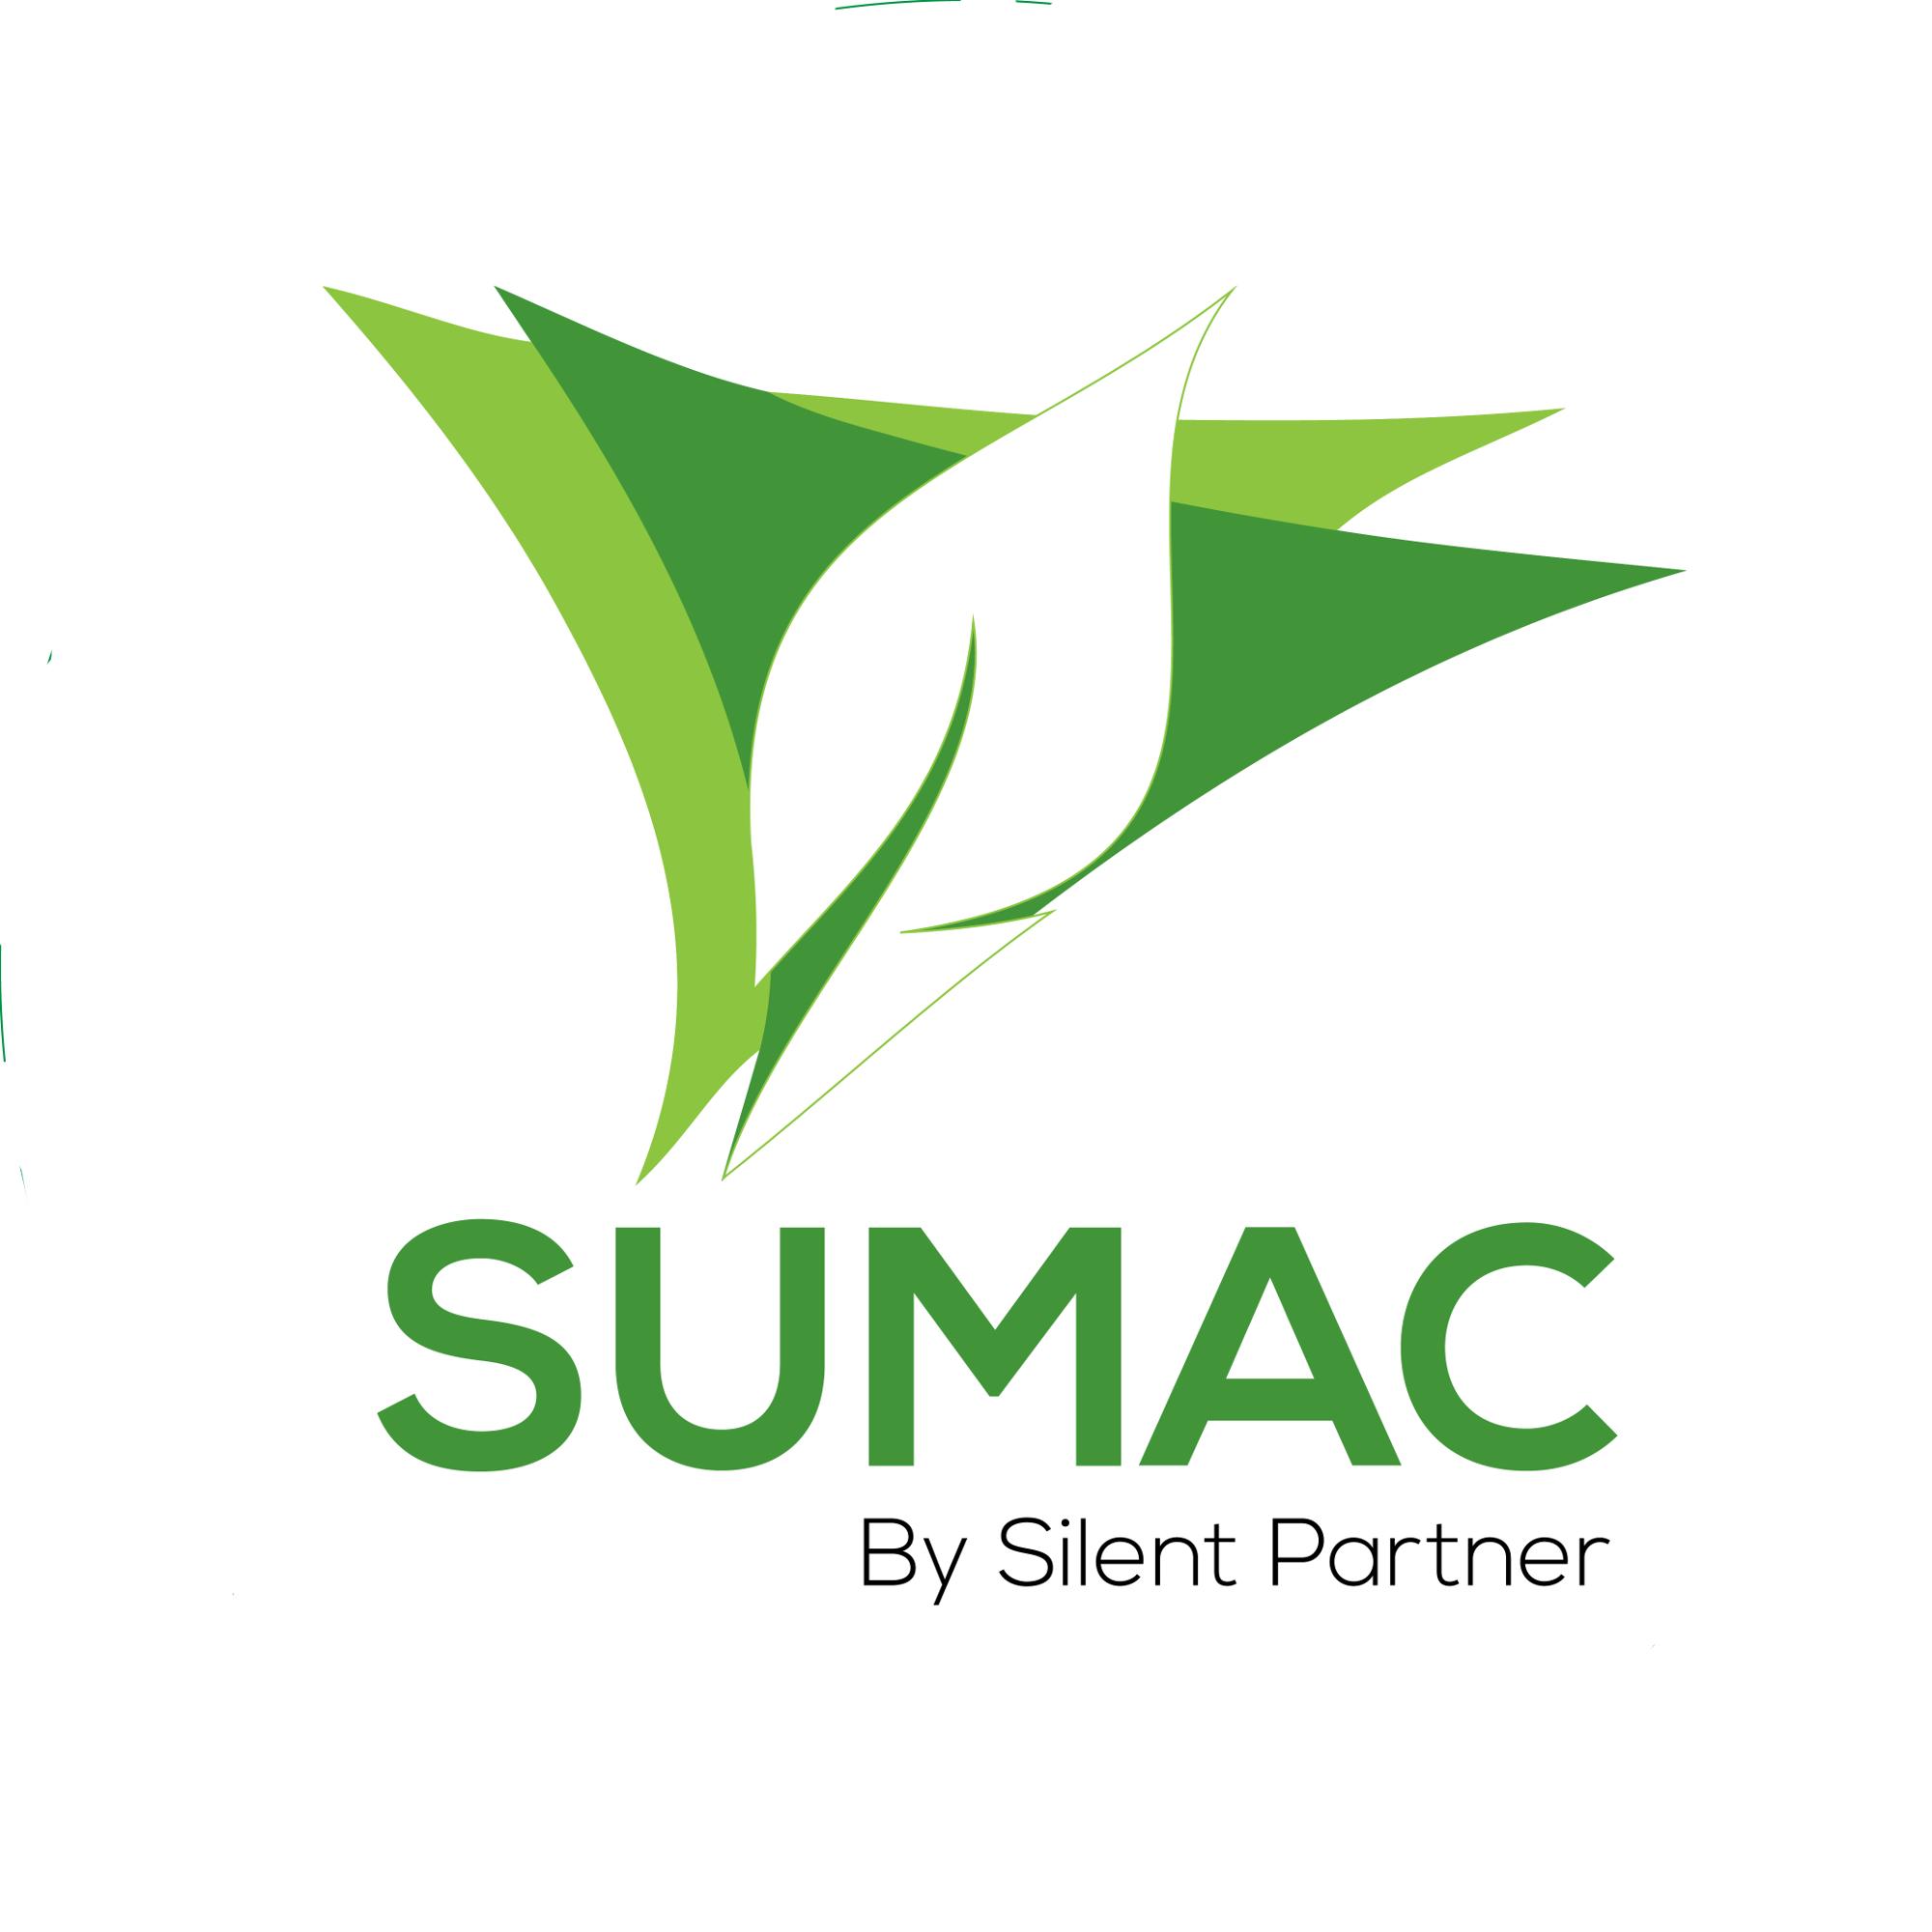 Sumac logo